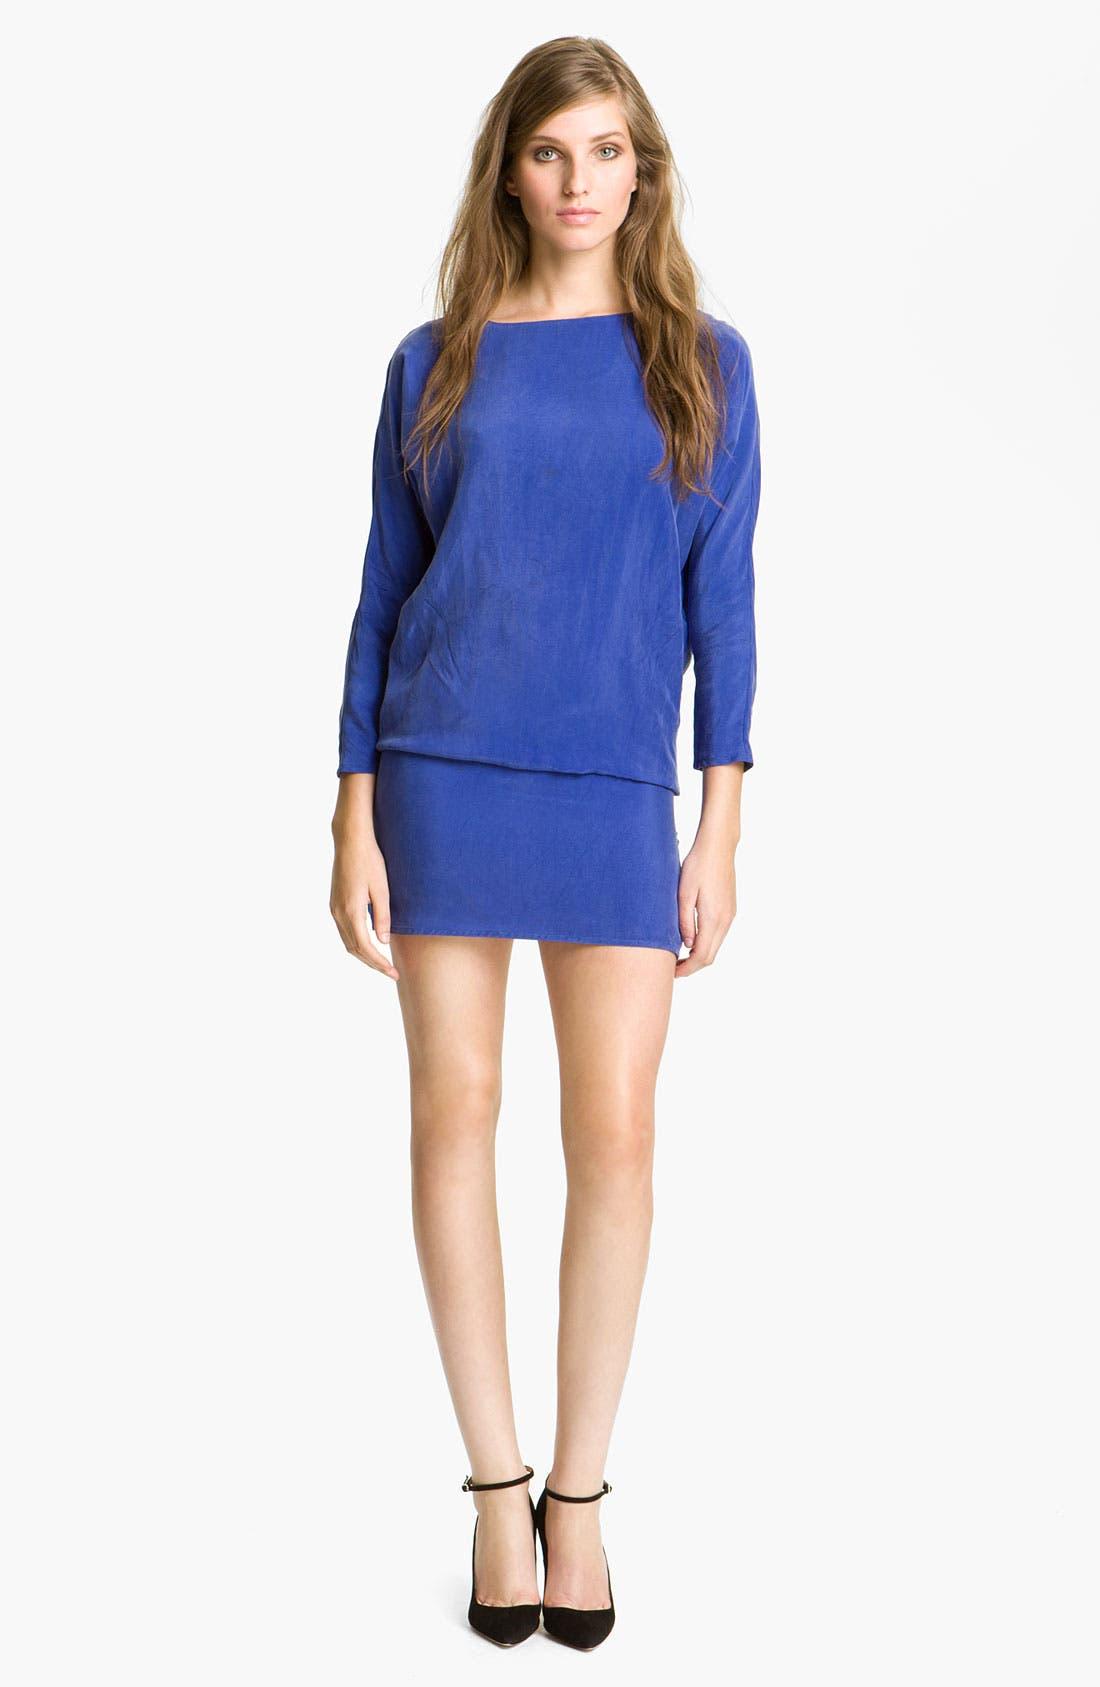 Alternate Image 1 Selected - Kelly Wearstler 'Eden' Dolman Sleeve Tunic Dress